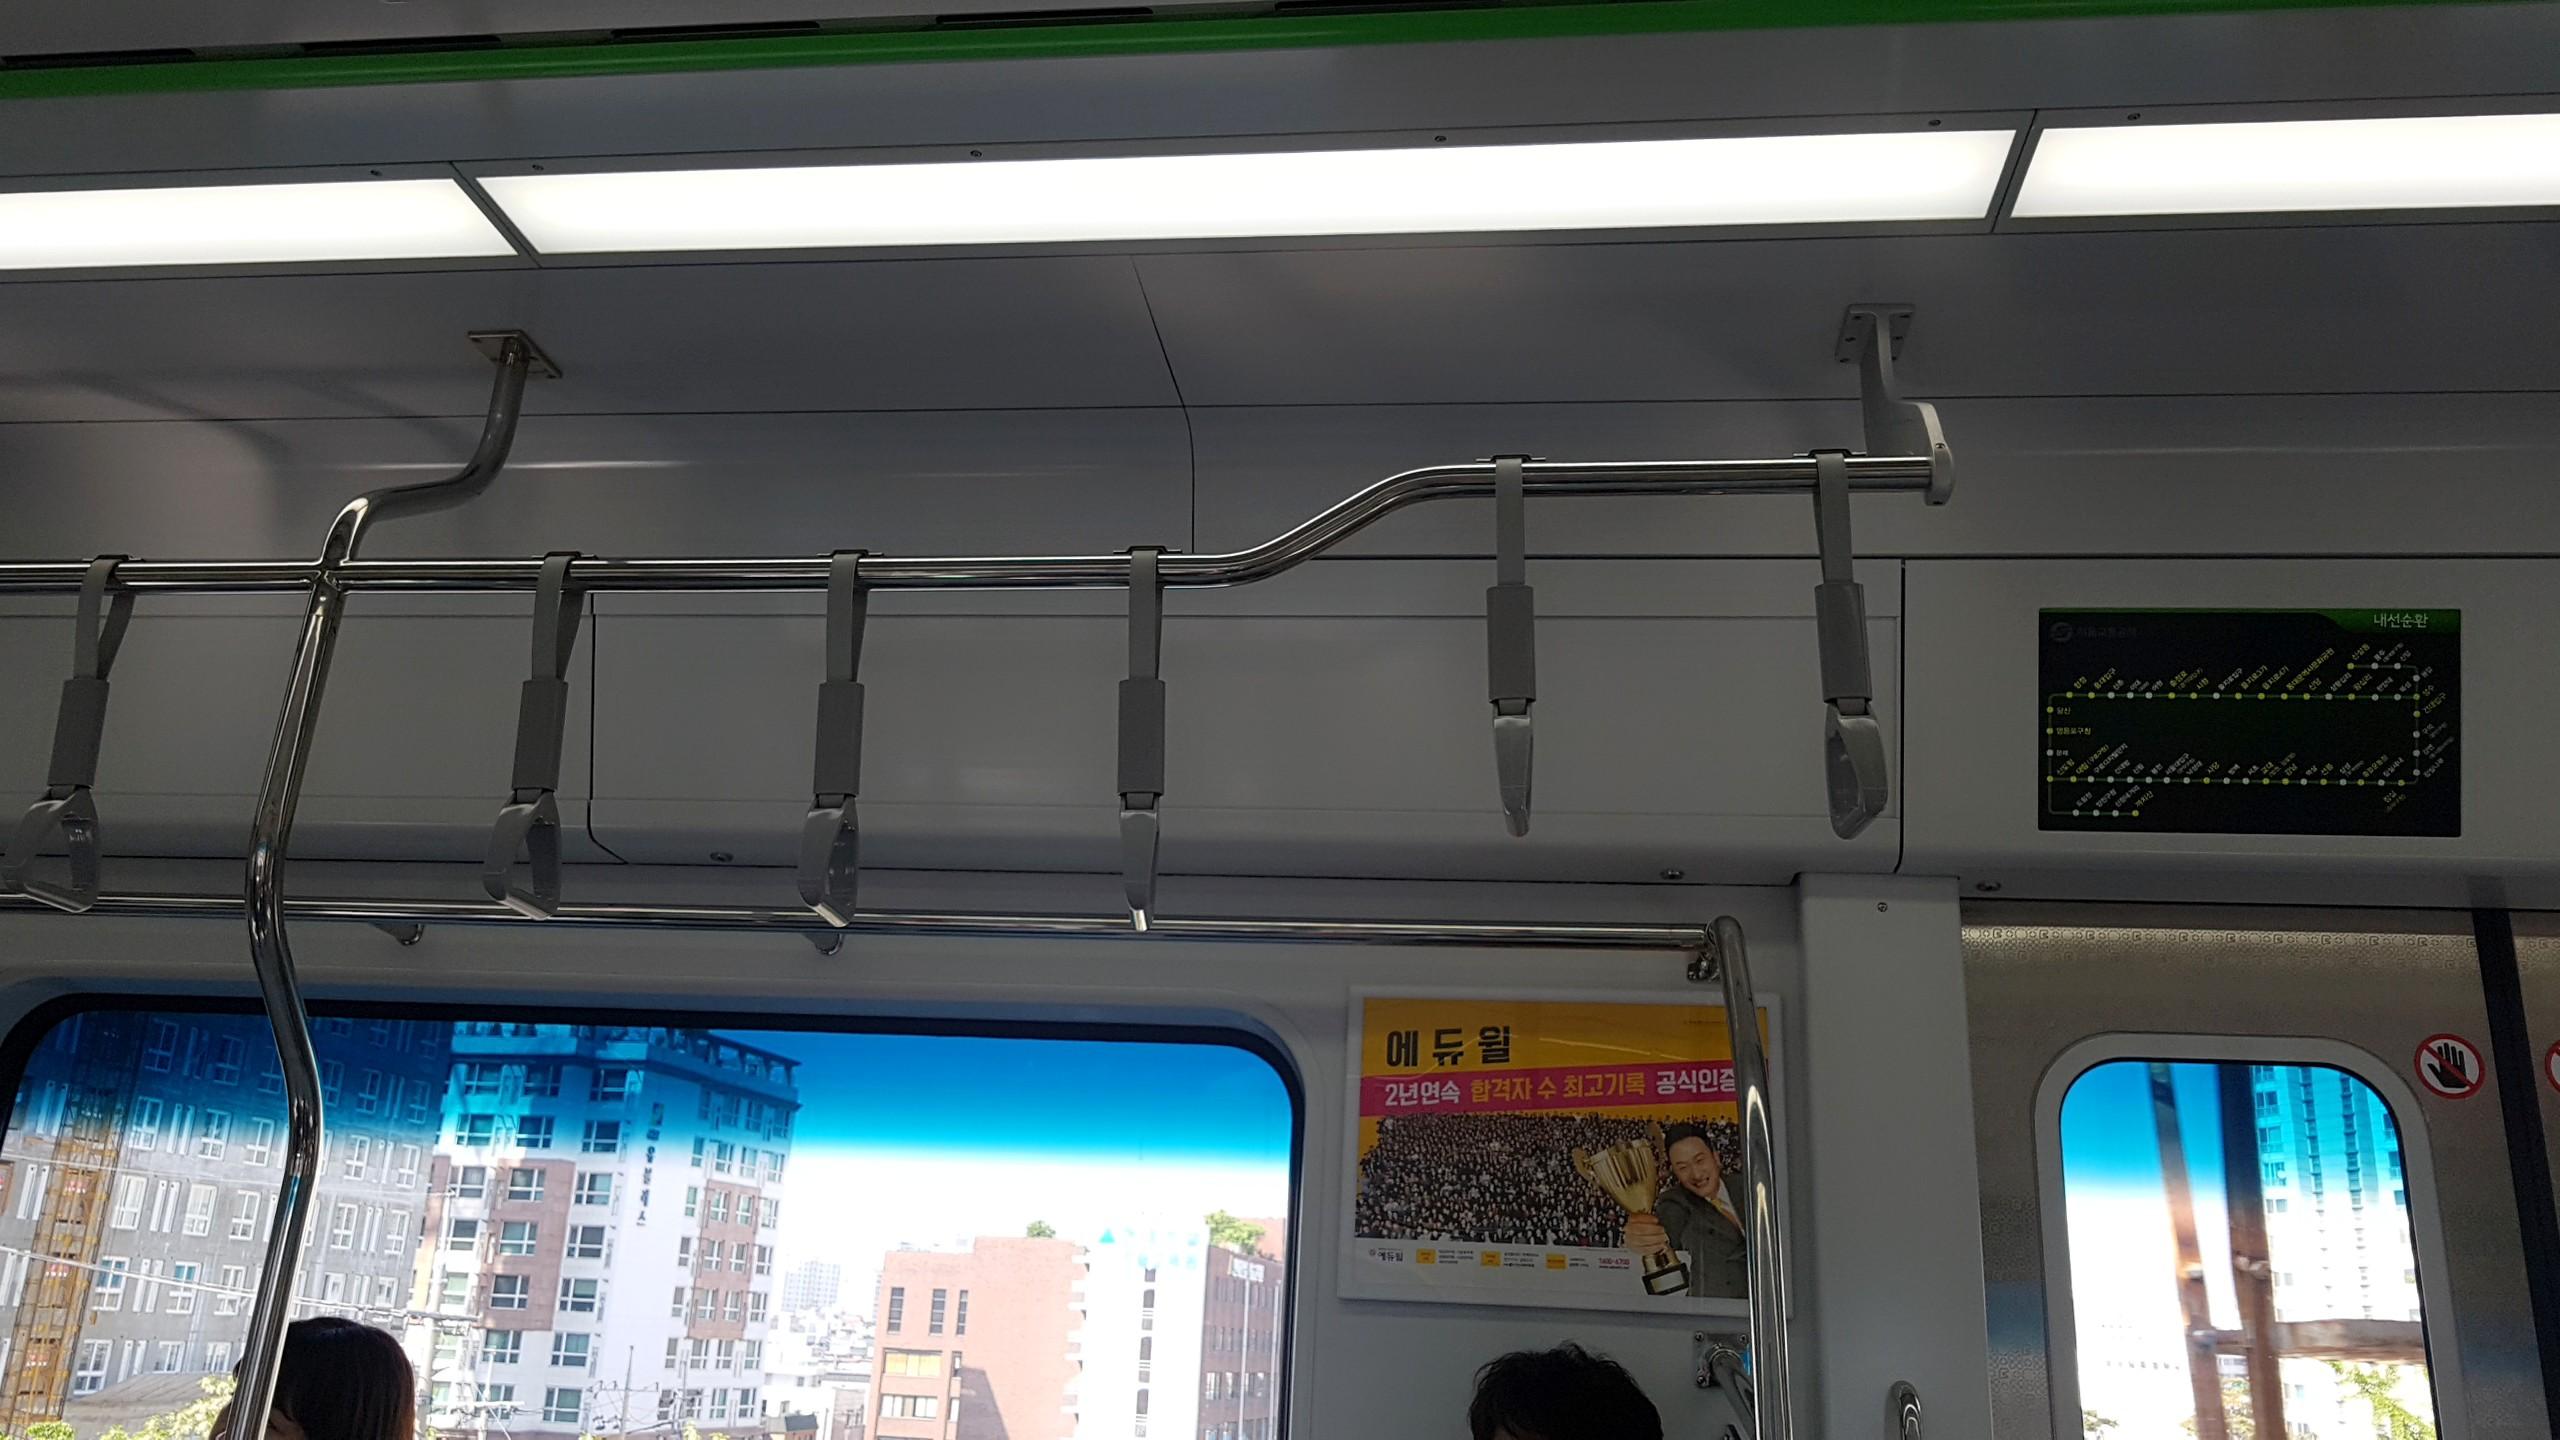 새로 나왔다는 2호선을 탔다. 선반 없어지고 내릴 역이 되면 열리는 문에 초록색 전구등이 들어온다.